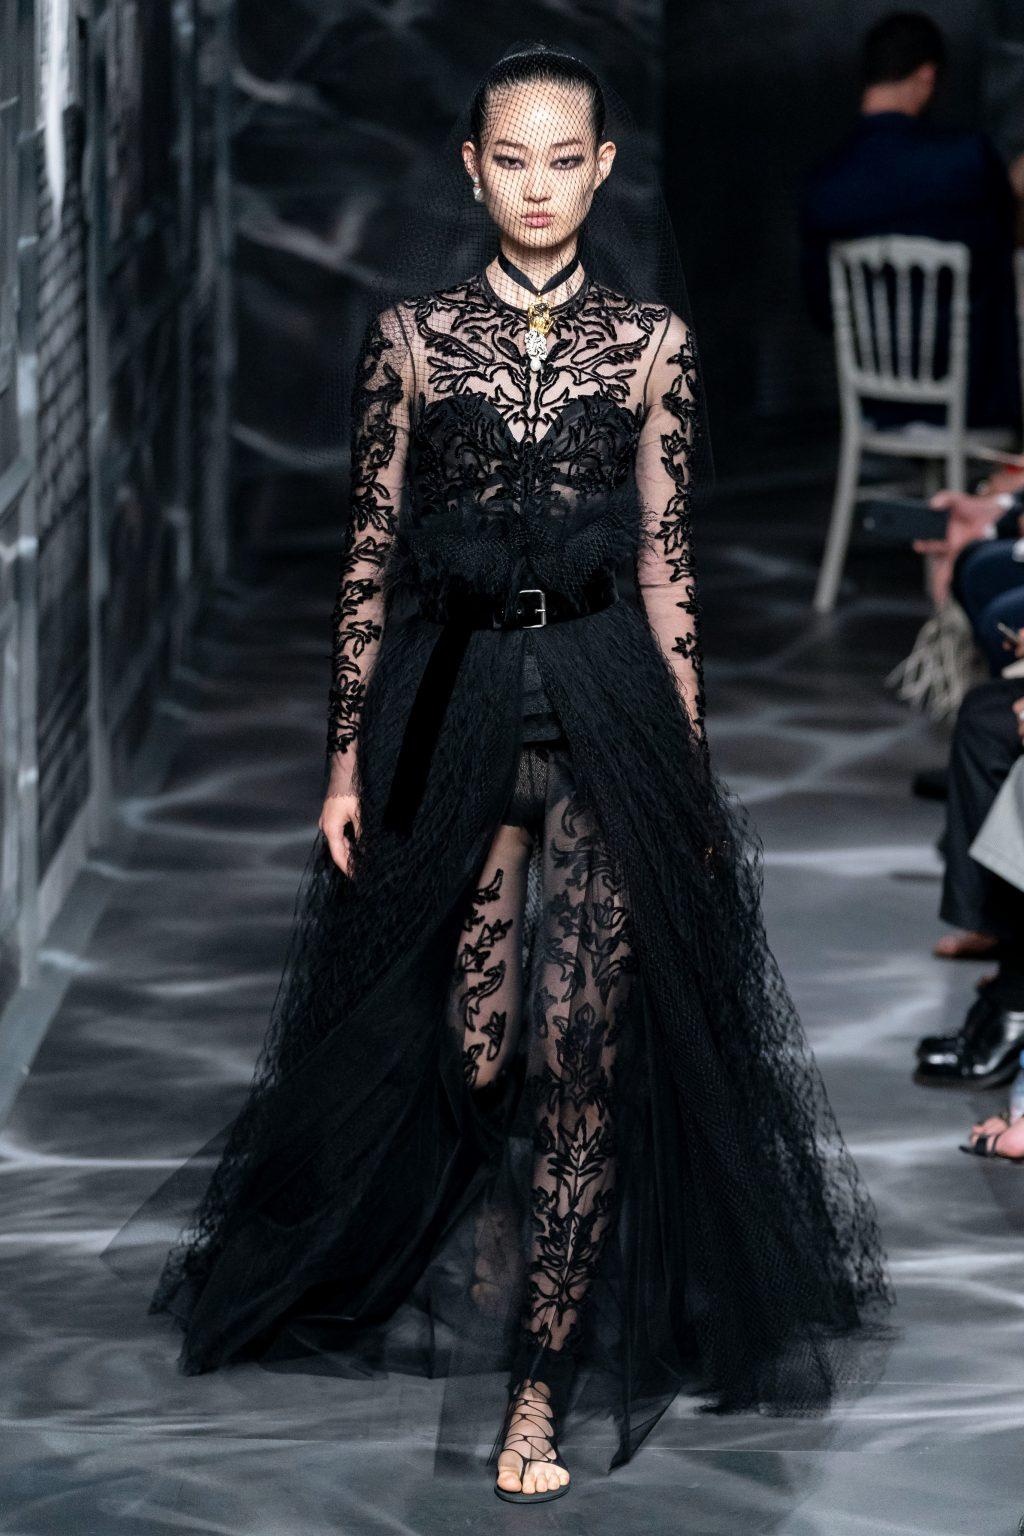 đầm ren thêu màu đen trong bộ sưu tập Dior Haute Couture Thu 2019